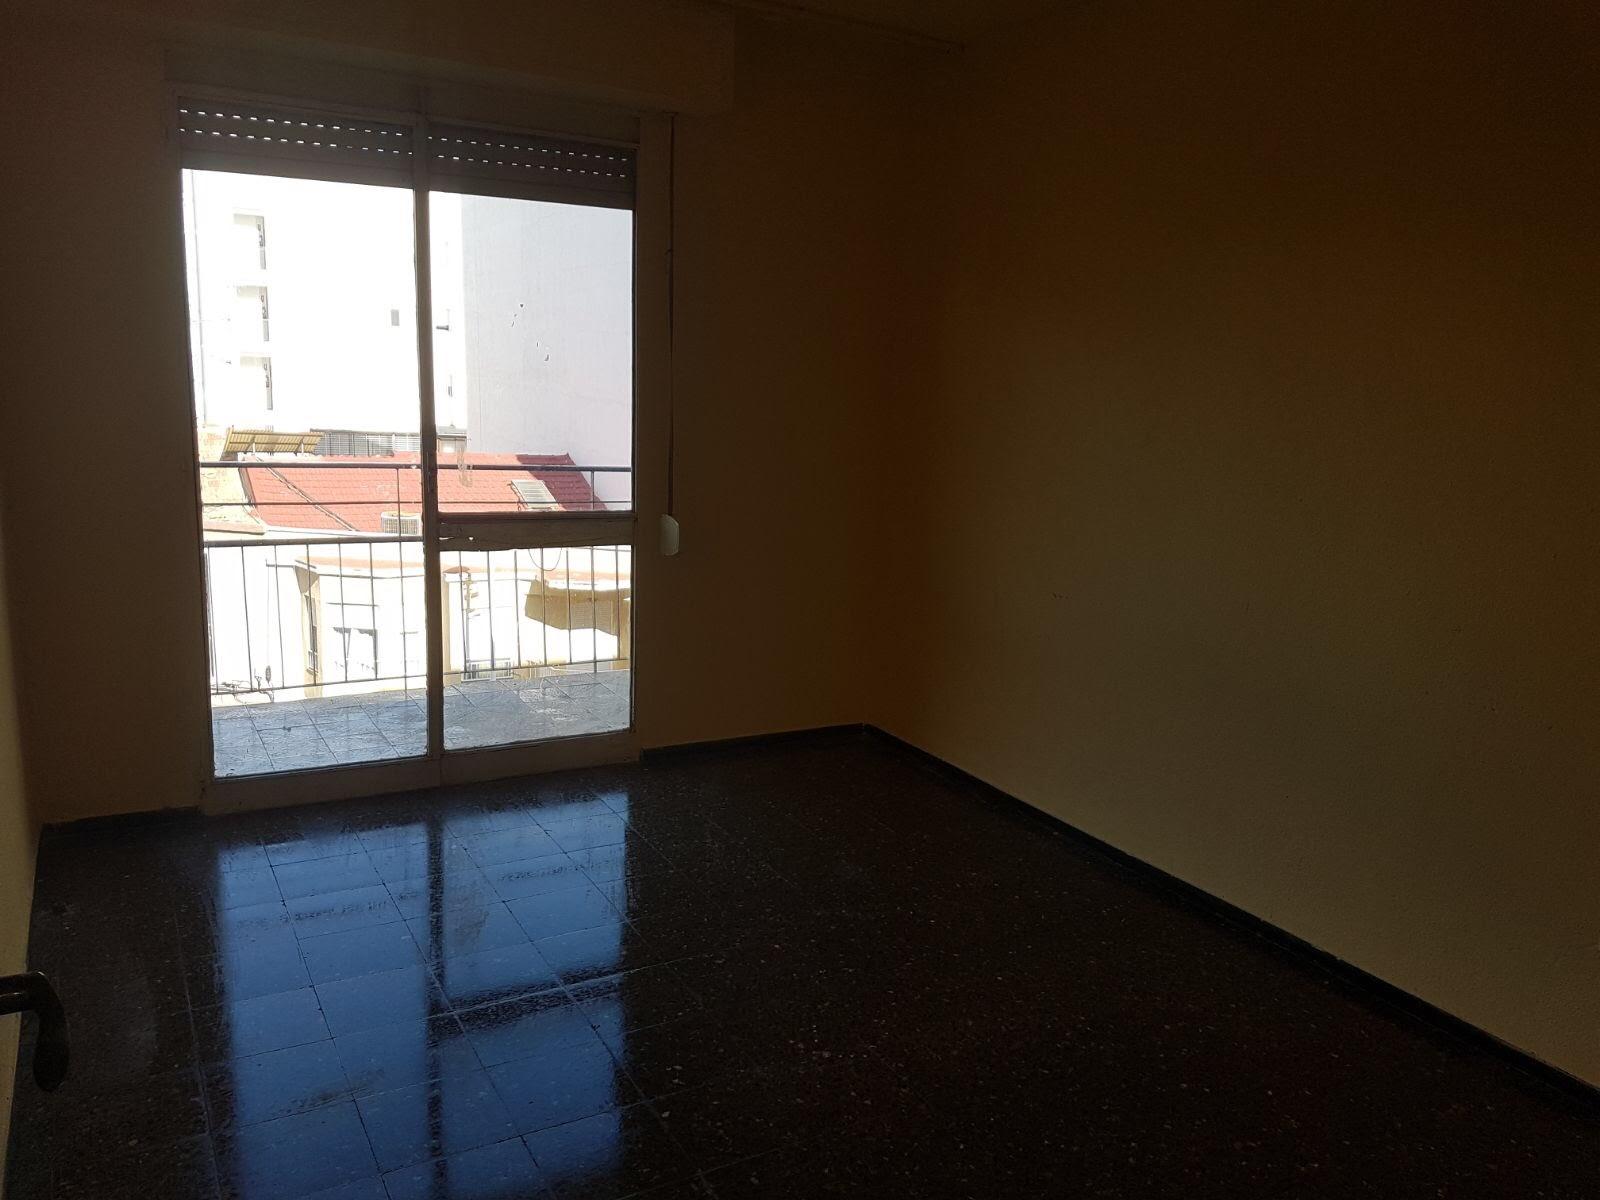 Piso en venta en Elche/elx, Alicante, Calle Hilarion Eslava, 36.000 €, 3 habitaciones, 1 baño, 88 m2